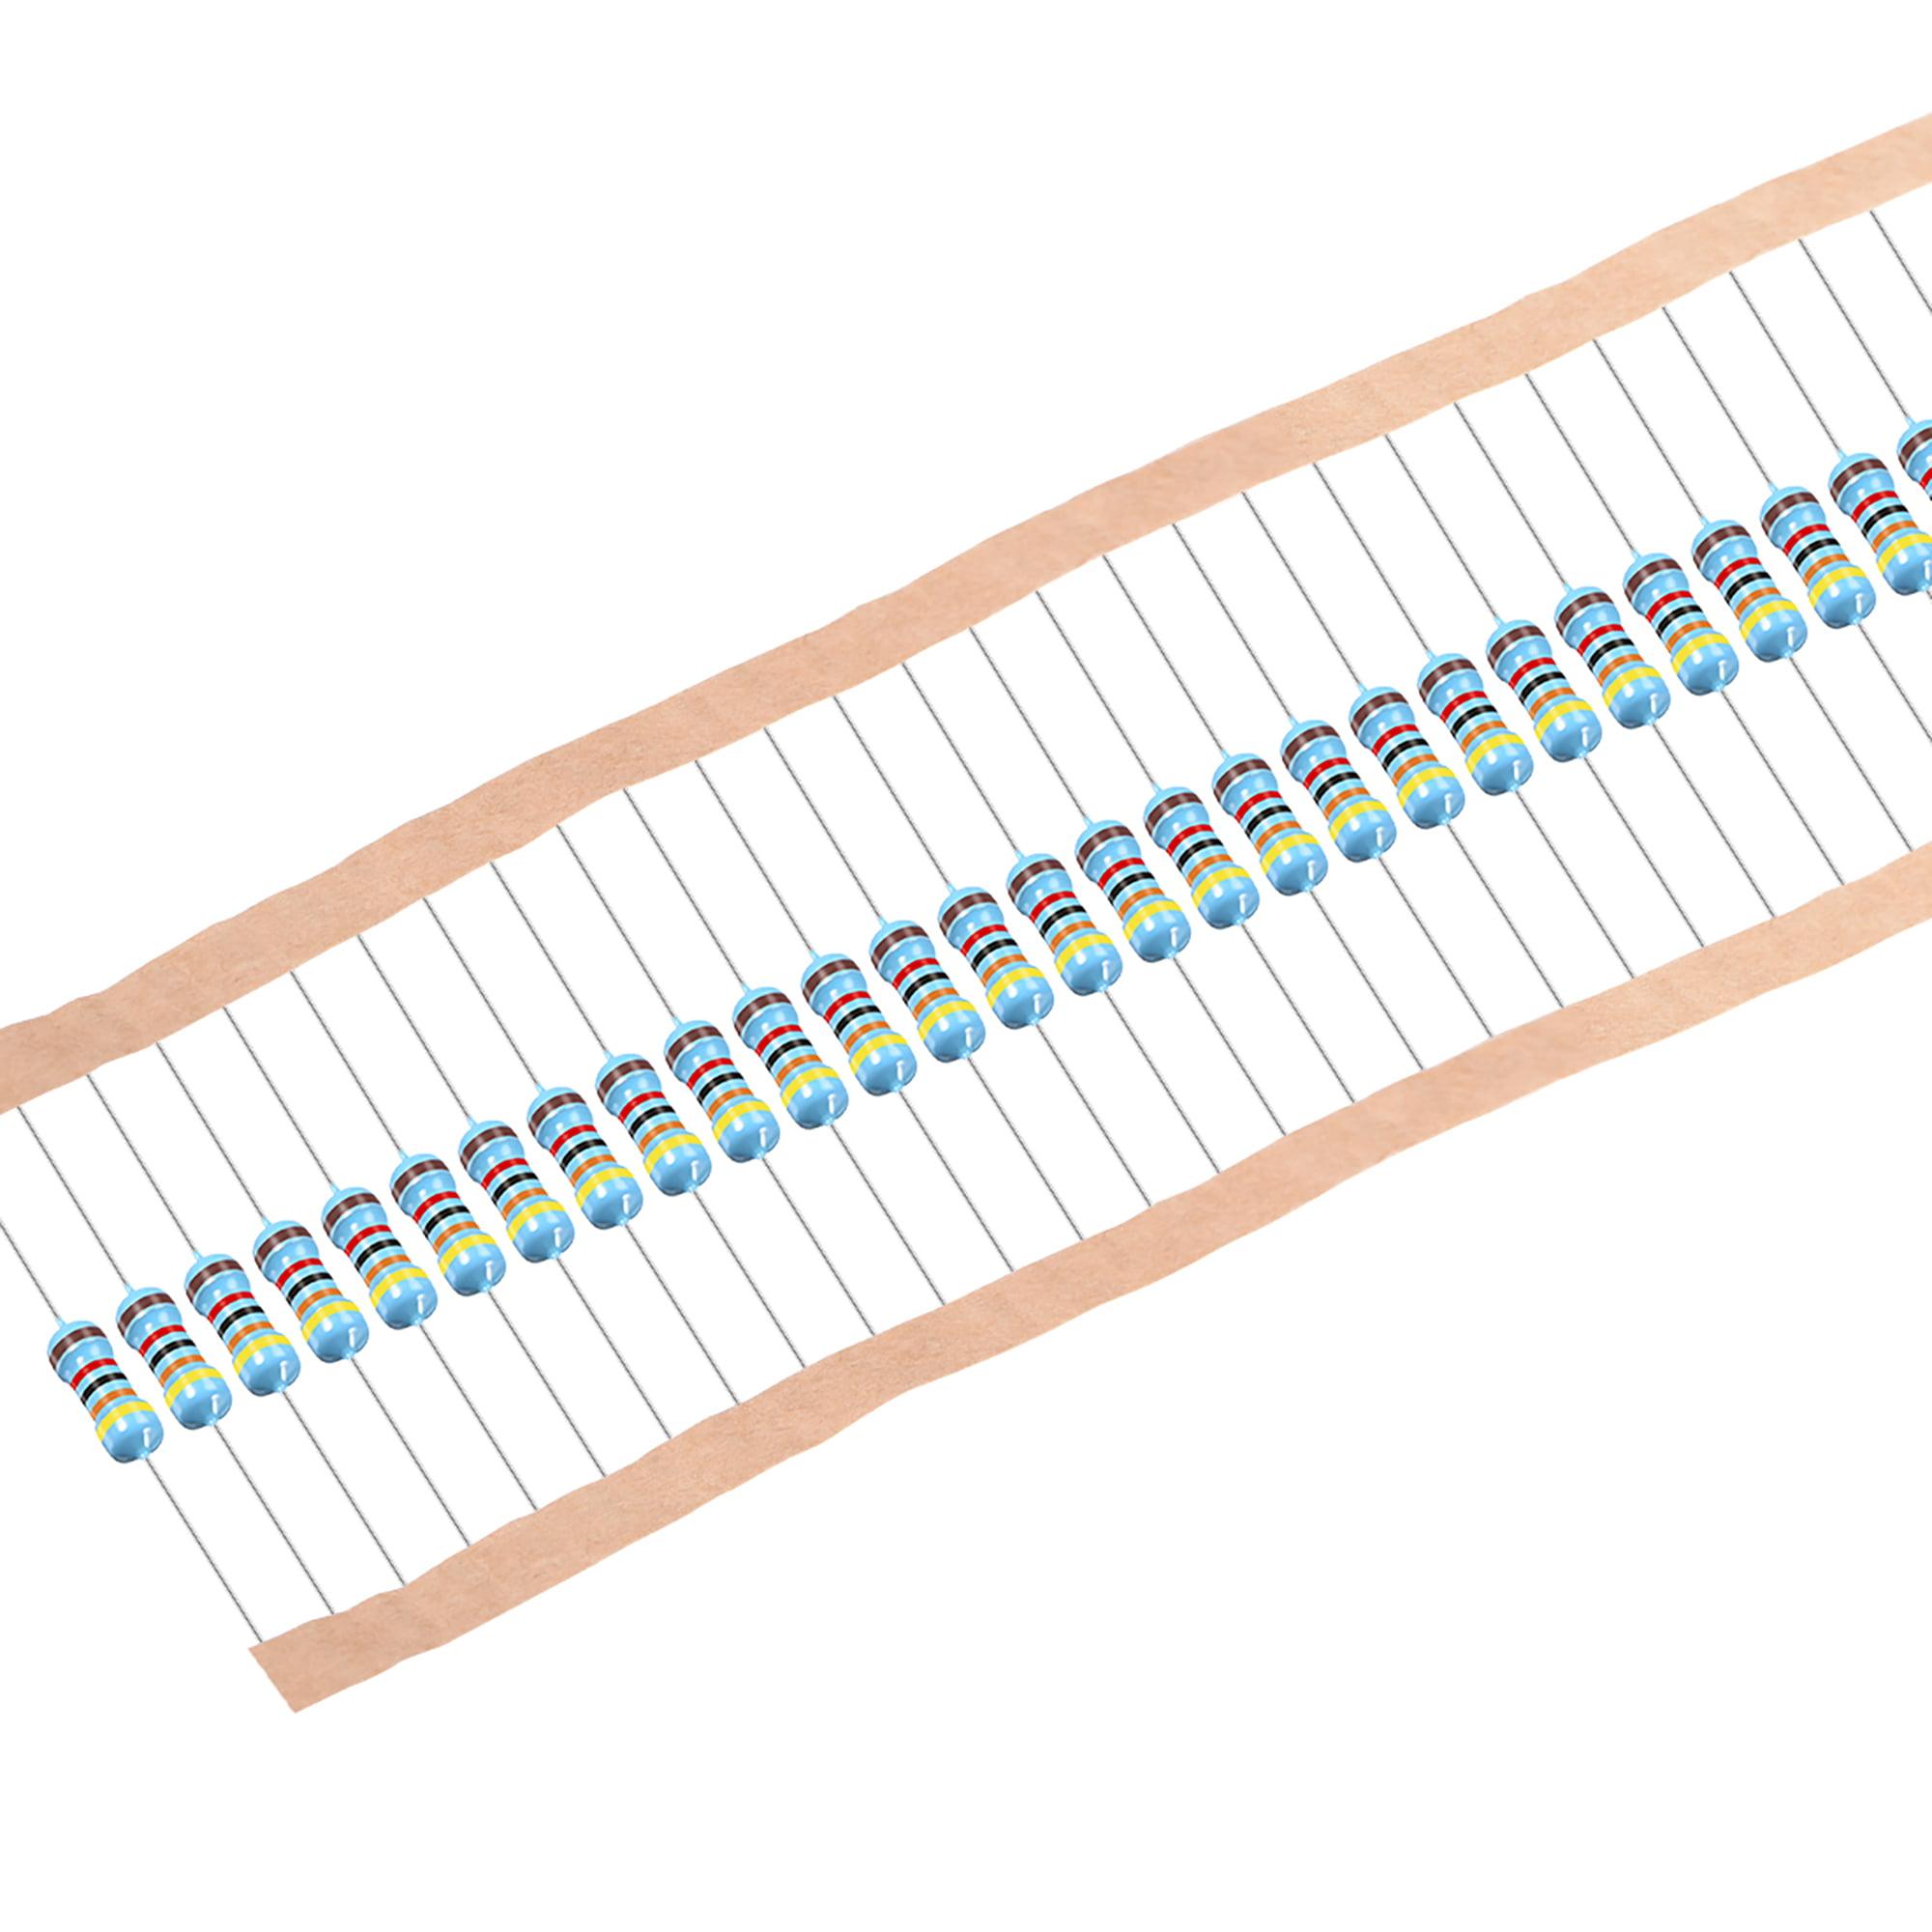 50 pcs Metal Film Resistors 43K Ohm 0.5W 1/2W 1% Tolerances 5 Color Bands - image 4 of 4